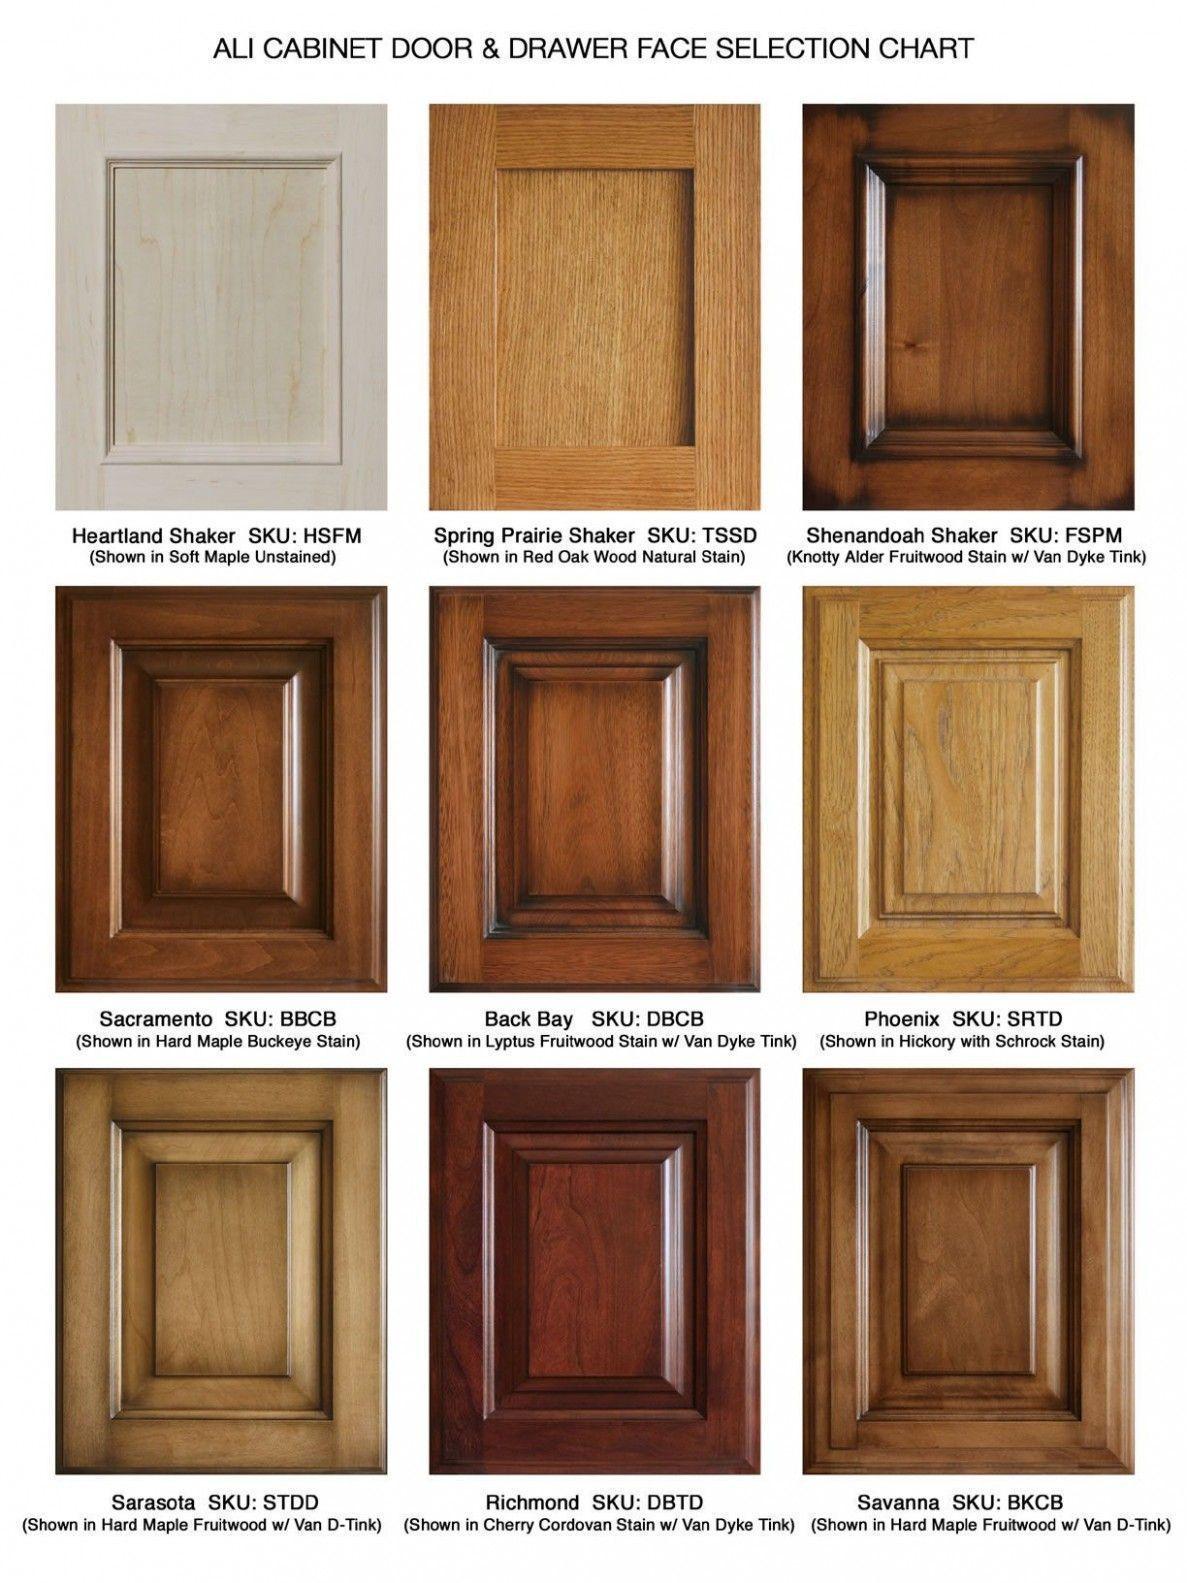 Excelente Gratis Gabinete De Cocina Madera Ideas Nuevo Color De La Mancha Del Gabinete De In 2020 Wood Cabinet Doors Stained Kitchen Cabinets Staining Wood Cabinets